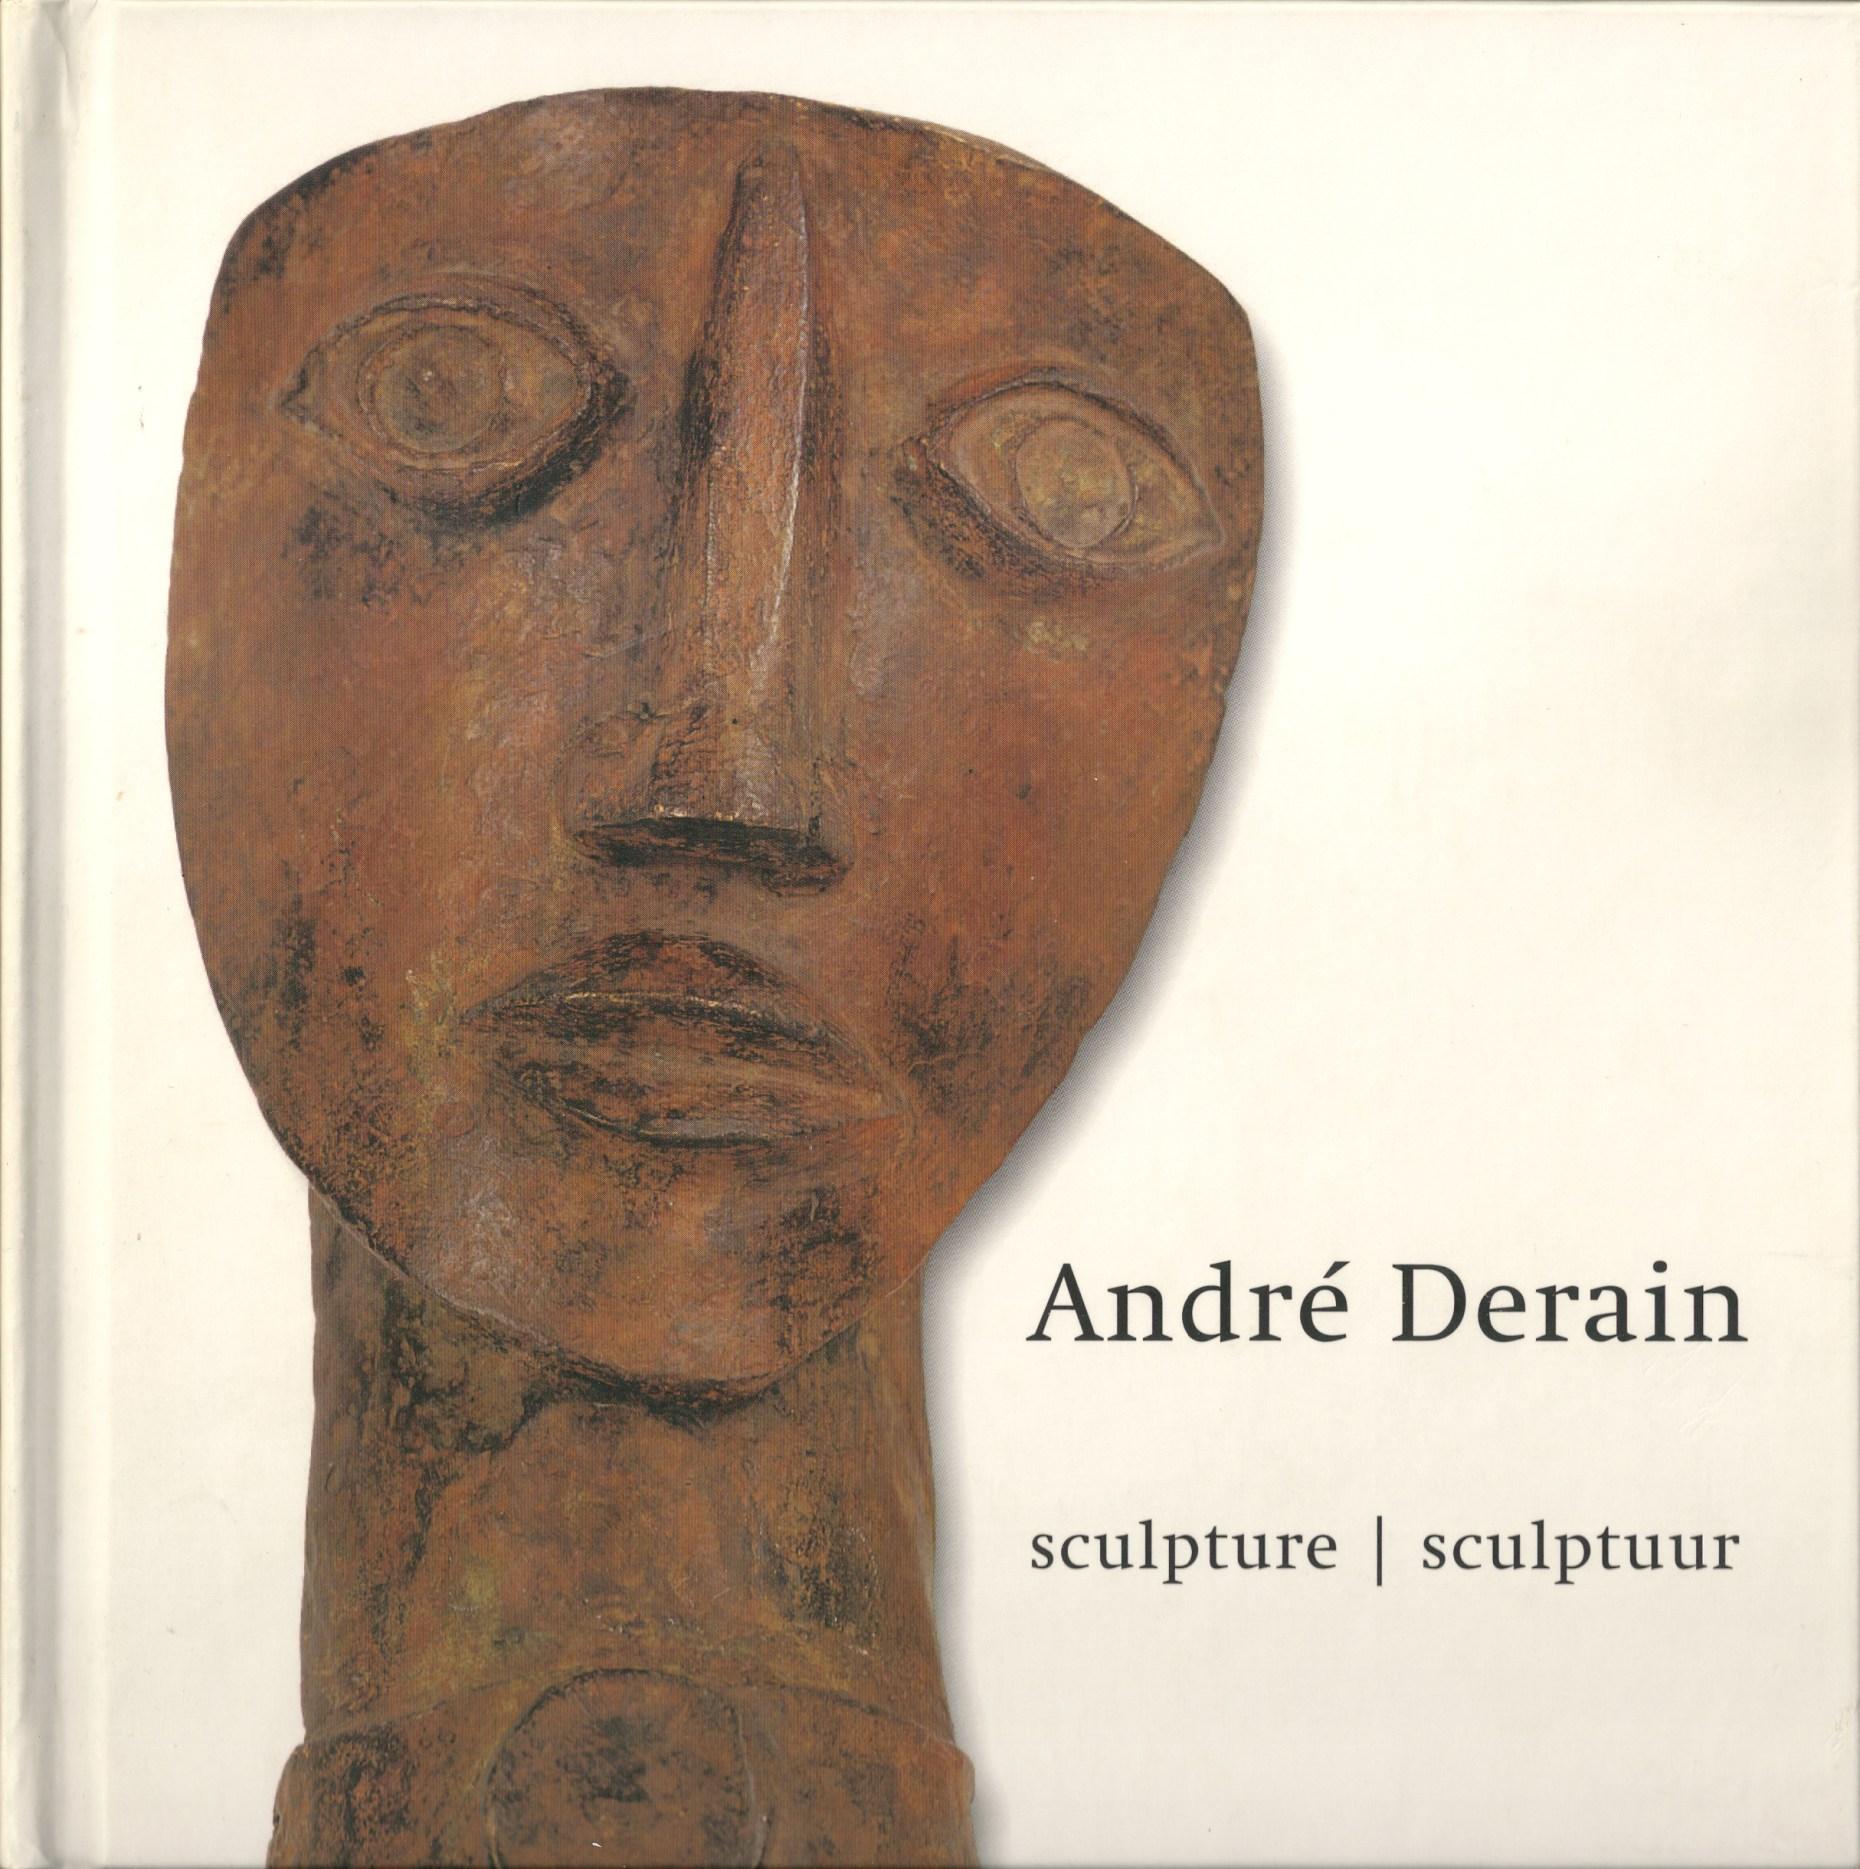 André Derain sculpture